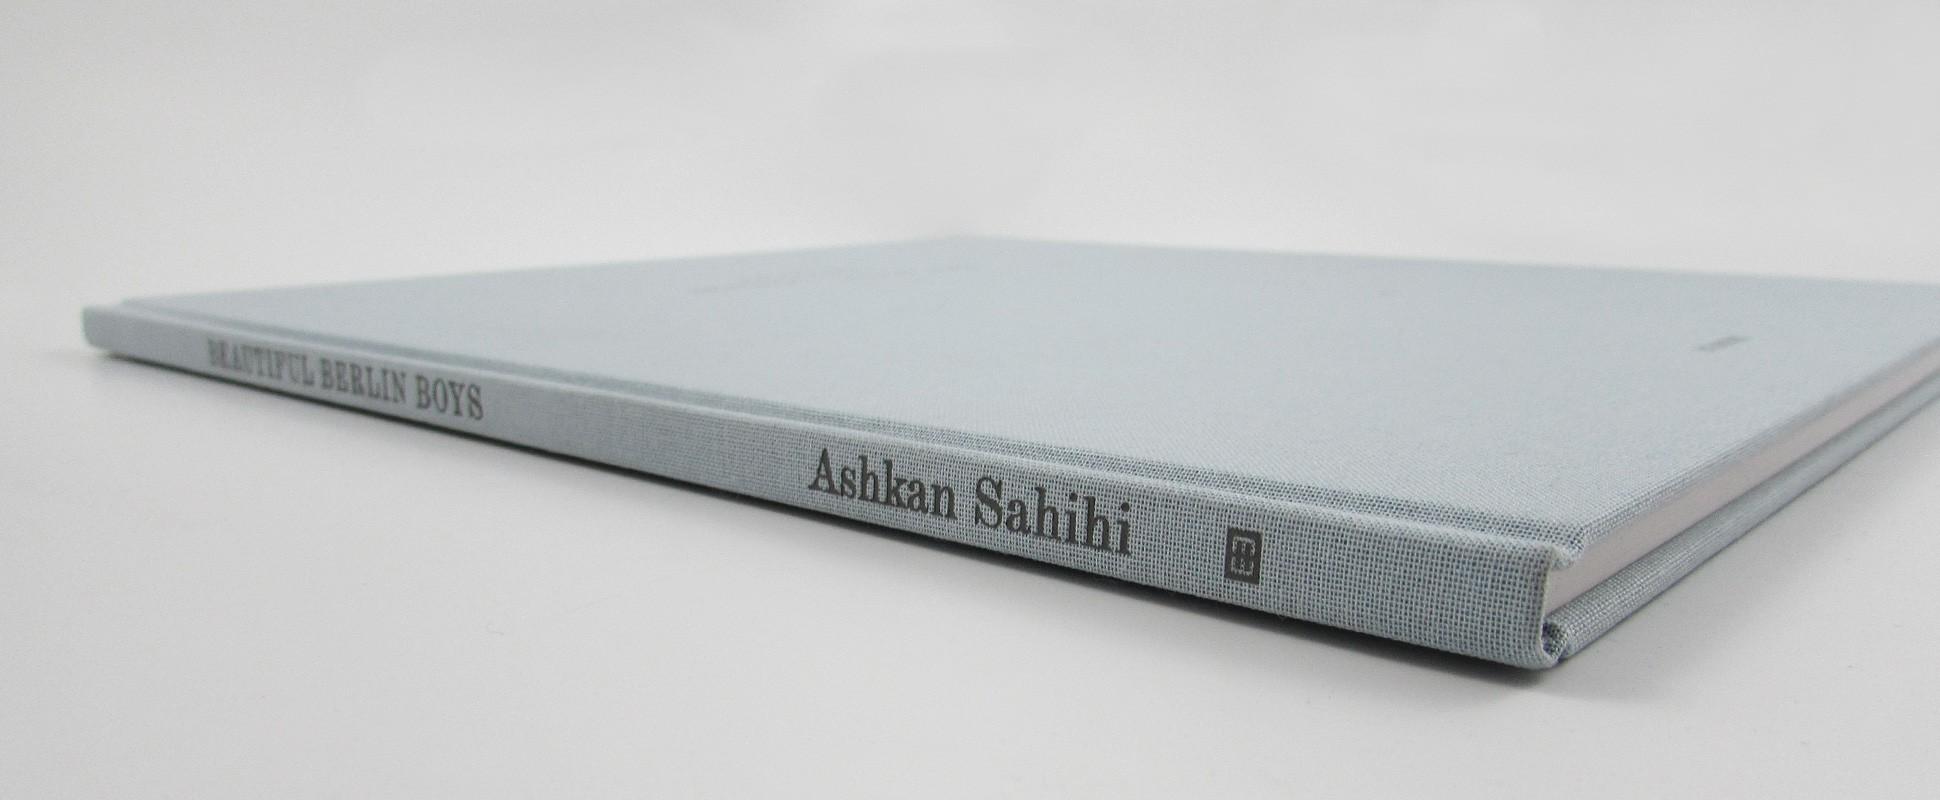 Ashkan Sahihi  Beautiful Berlin Boys